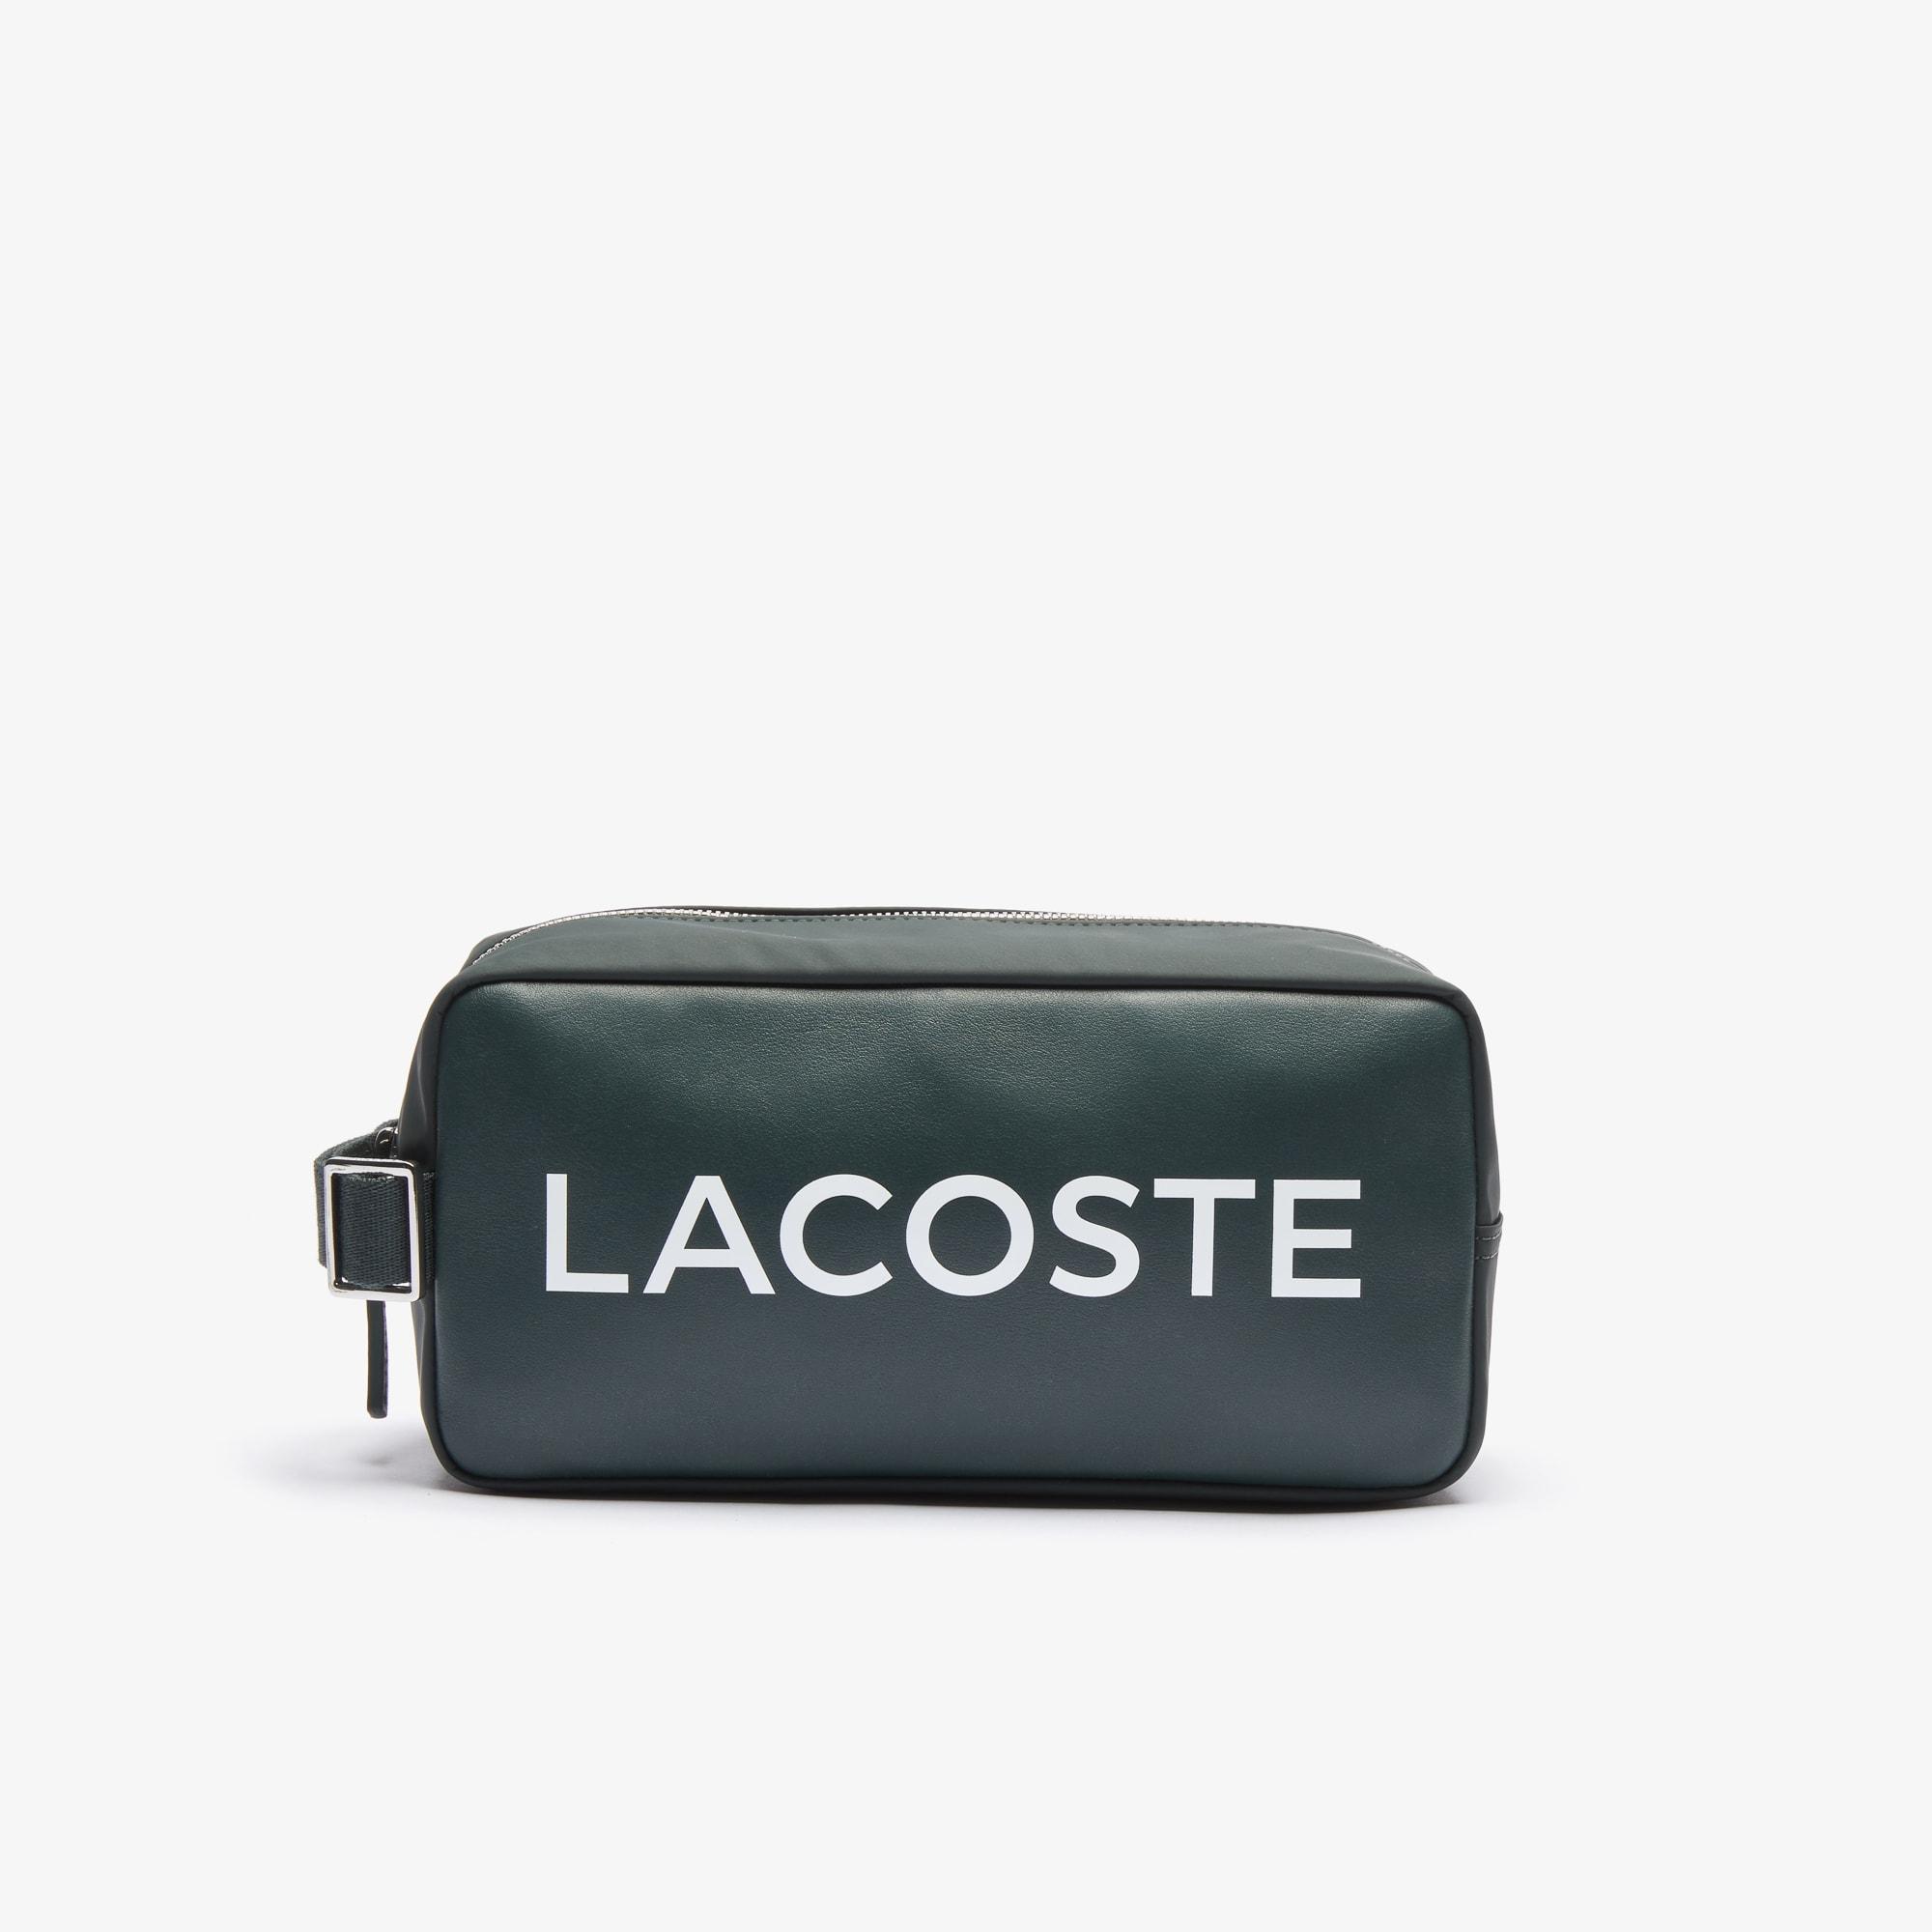 라코스테 '랩 미 업 컬렉션' L.12.12 파우치 Lacoste Mens L.12.12 Branded Zip Toiletry Bag,SINOPLE • B43